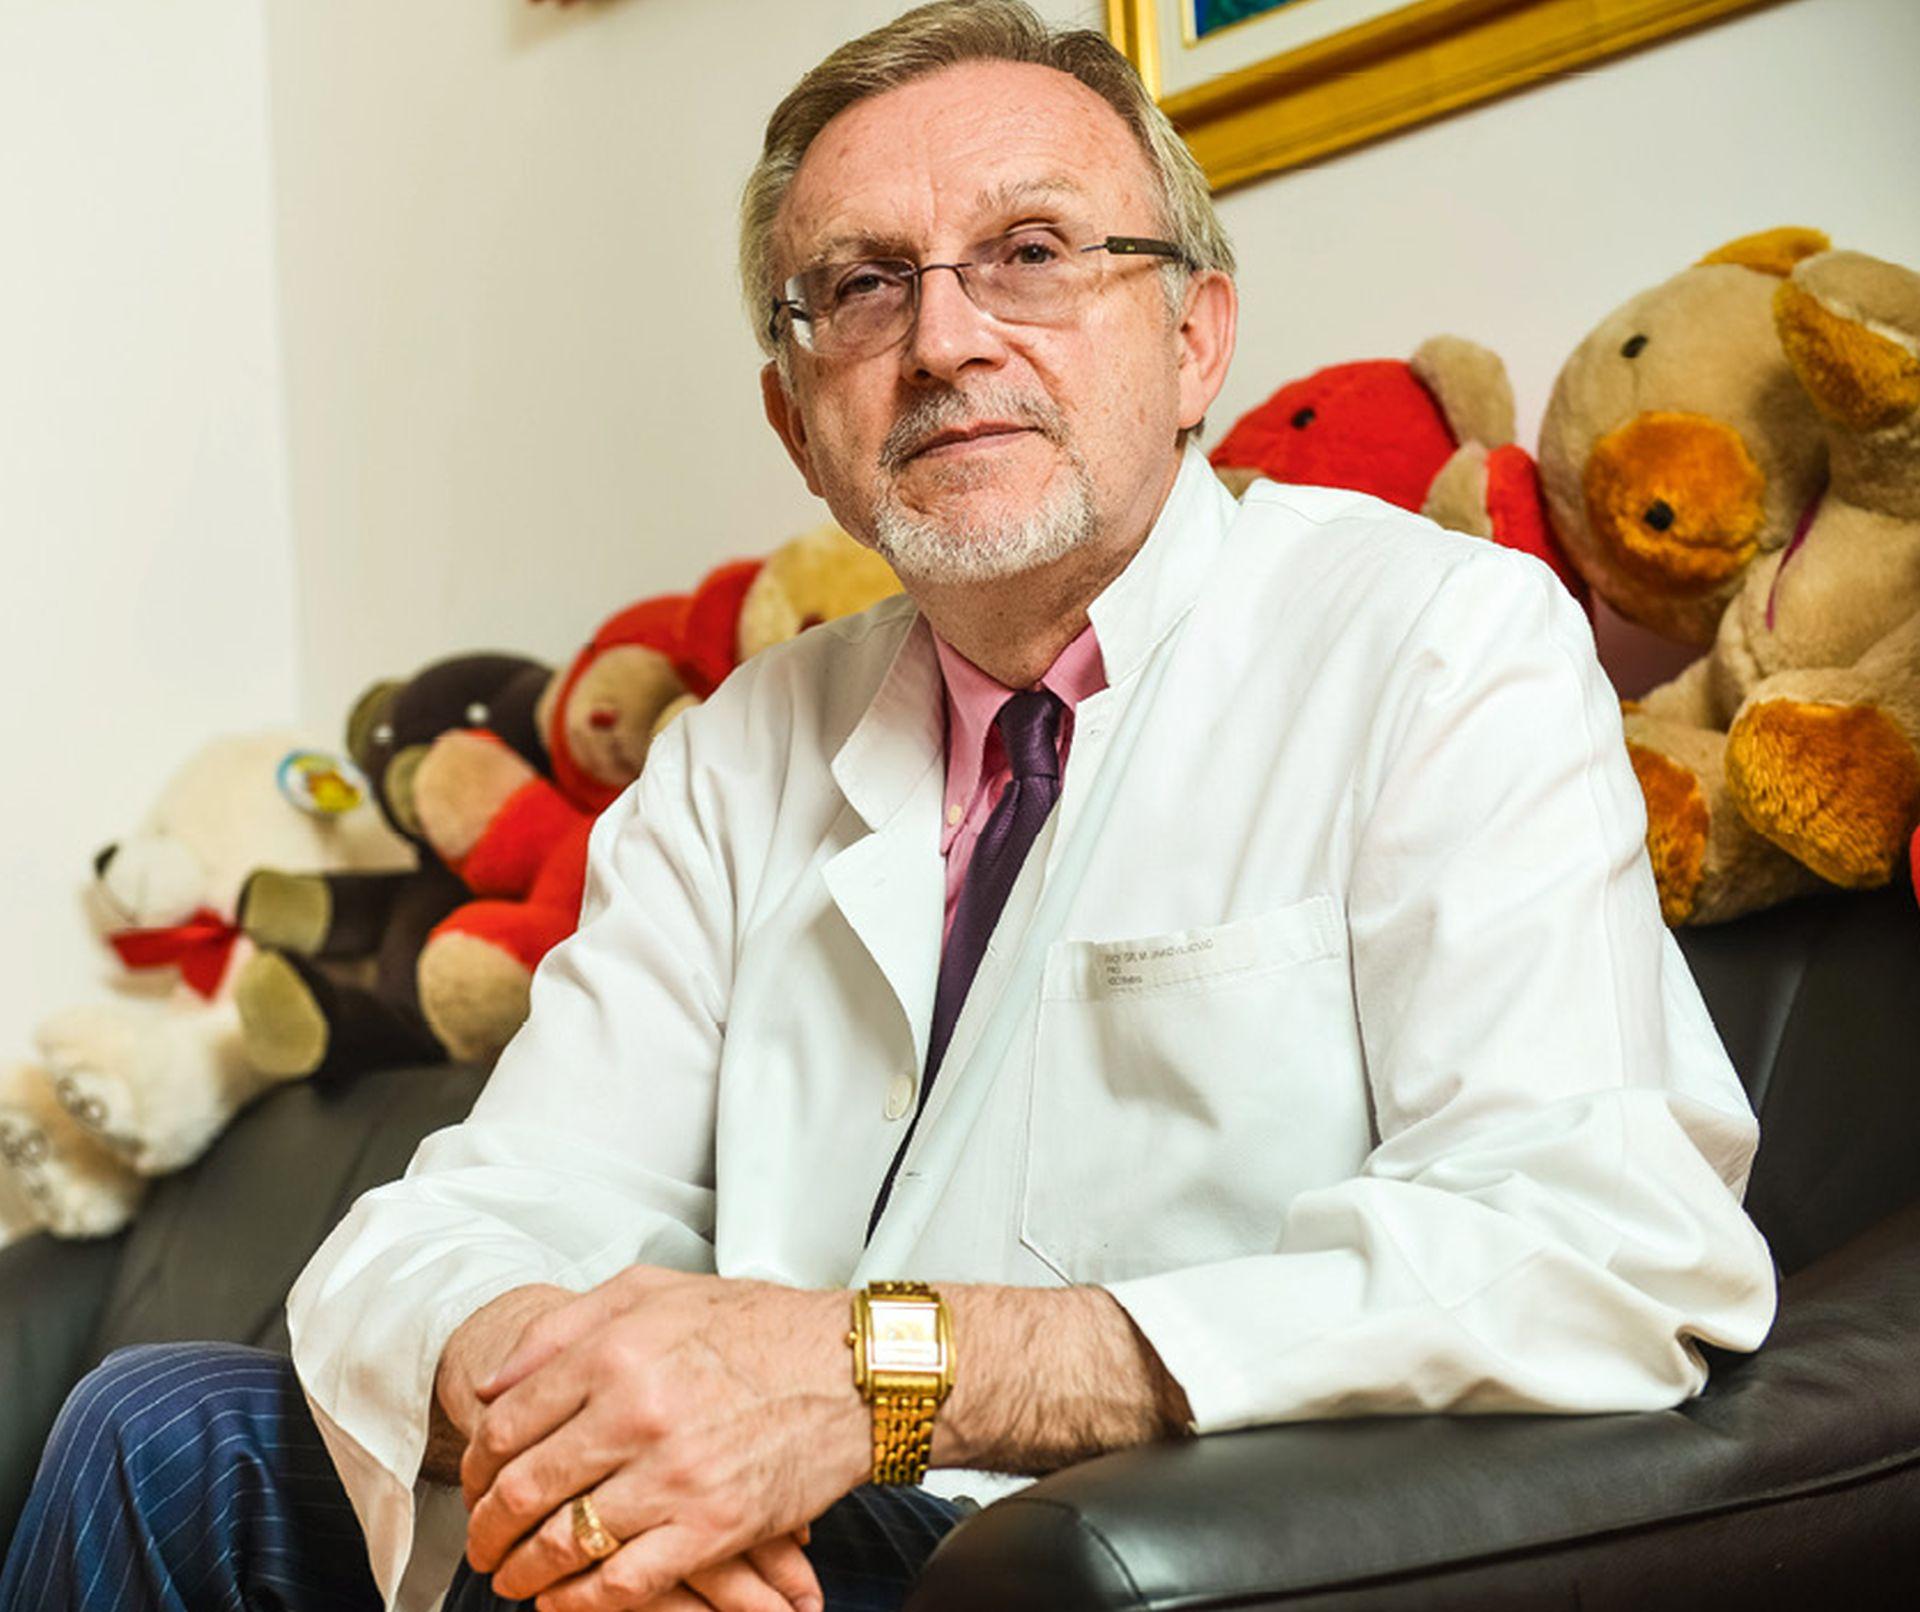 INTERVJU Miro Jakovljević: PTSP je 'užas zamrznut u sjećanju', ali i šansa za novi i bolji život